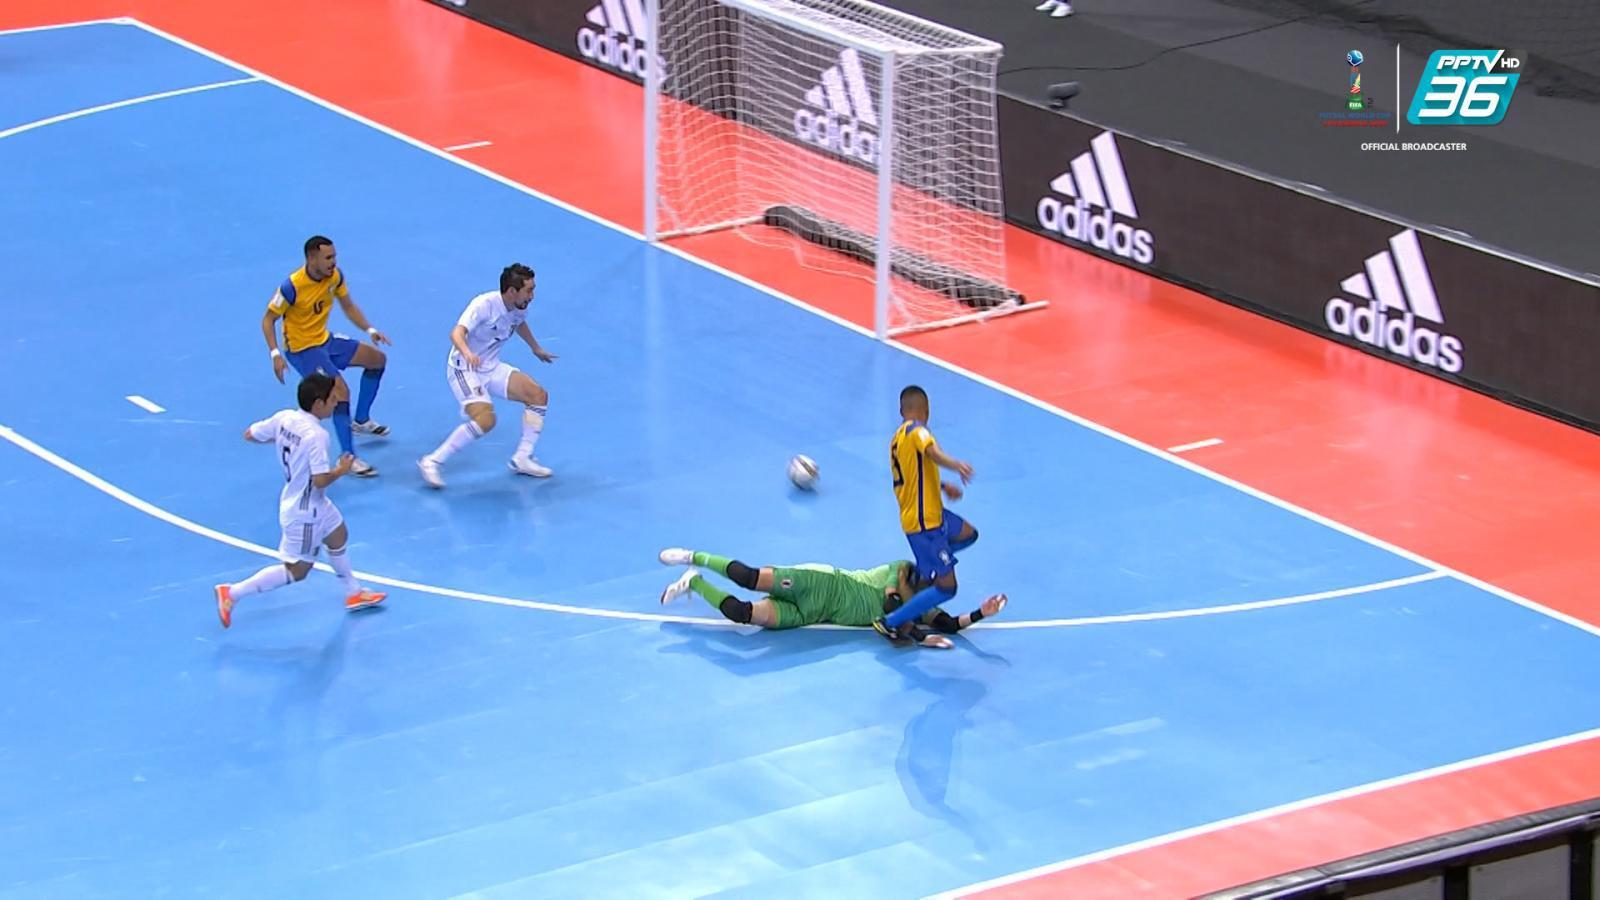 ไฮไลท์ฟุตซอล   ฟีฟ่า ฟุตซอล เวิลด์ คัพ 2021   บราซิล 4-2 ญี่ปุ่น   23 ก.ย. 64